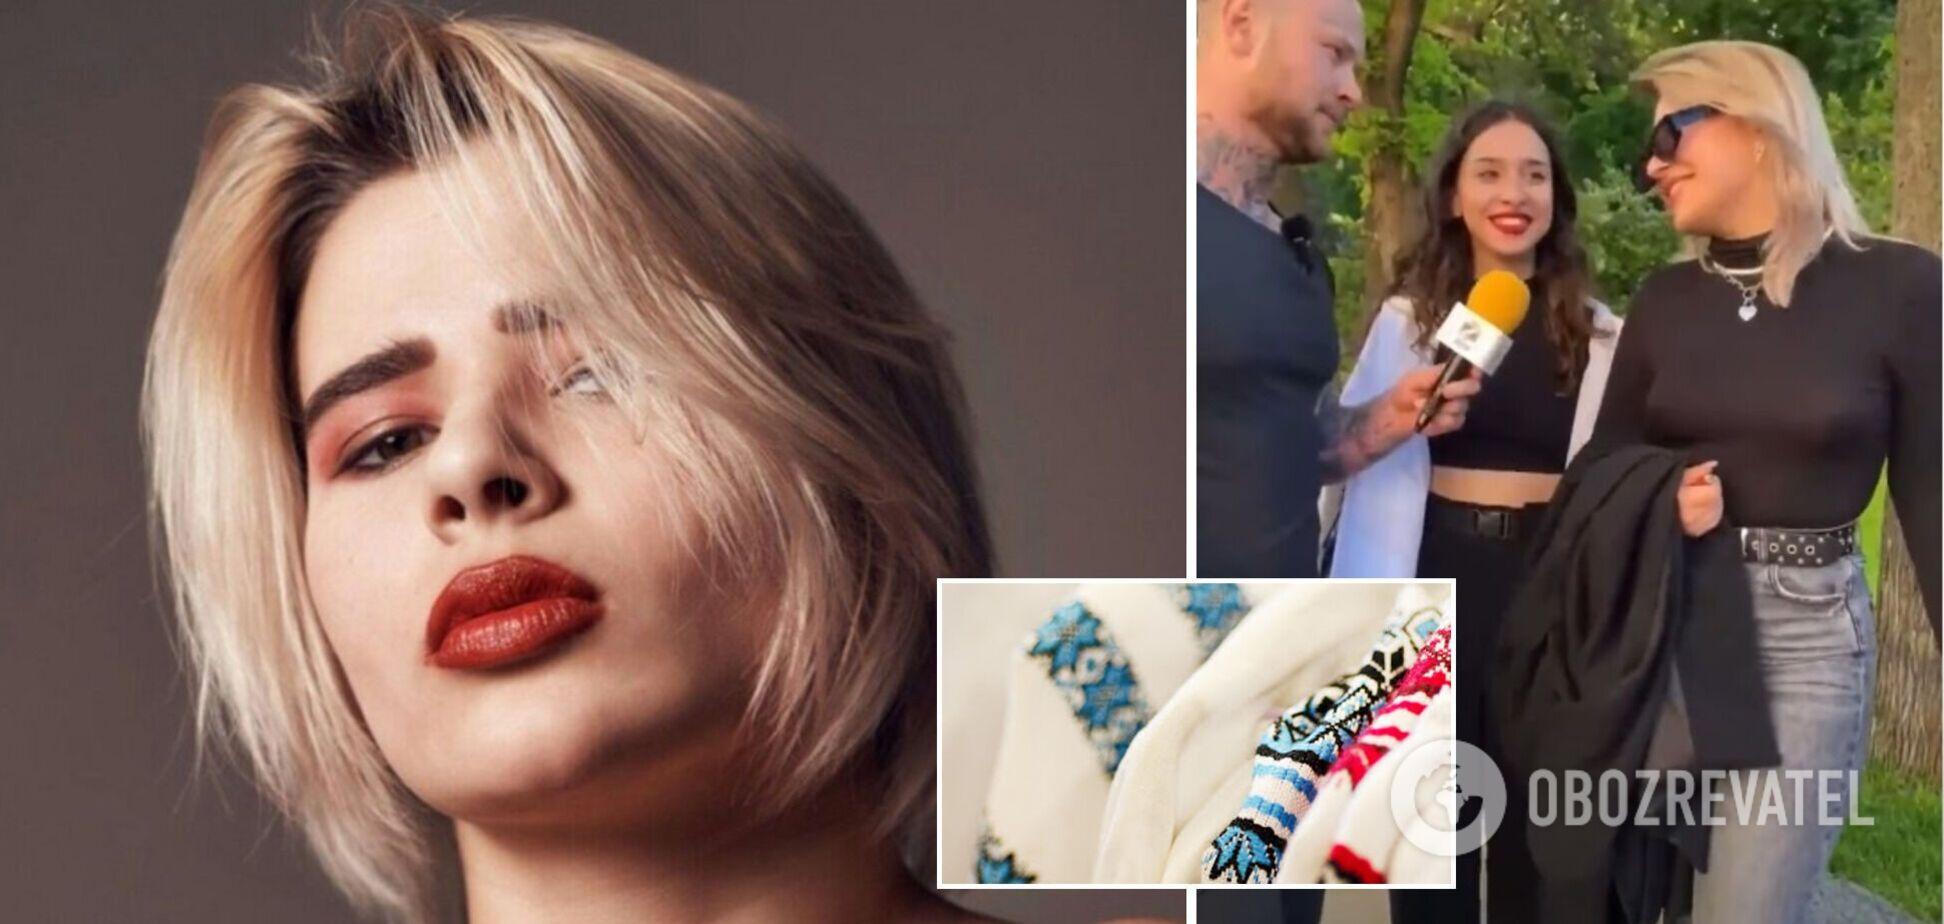 Харьковчанку, назвавшую б*длом людей в вышиванках, уличили в работе вебкам-моделью. Фото 18+